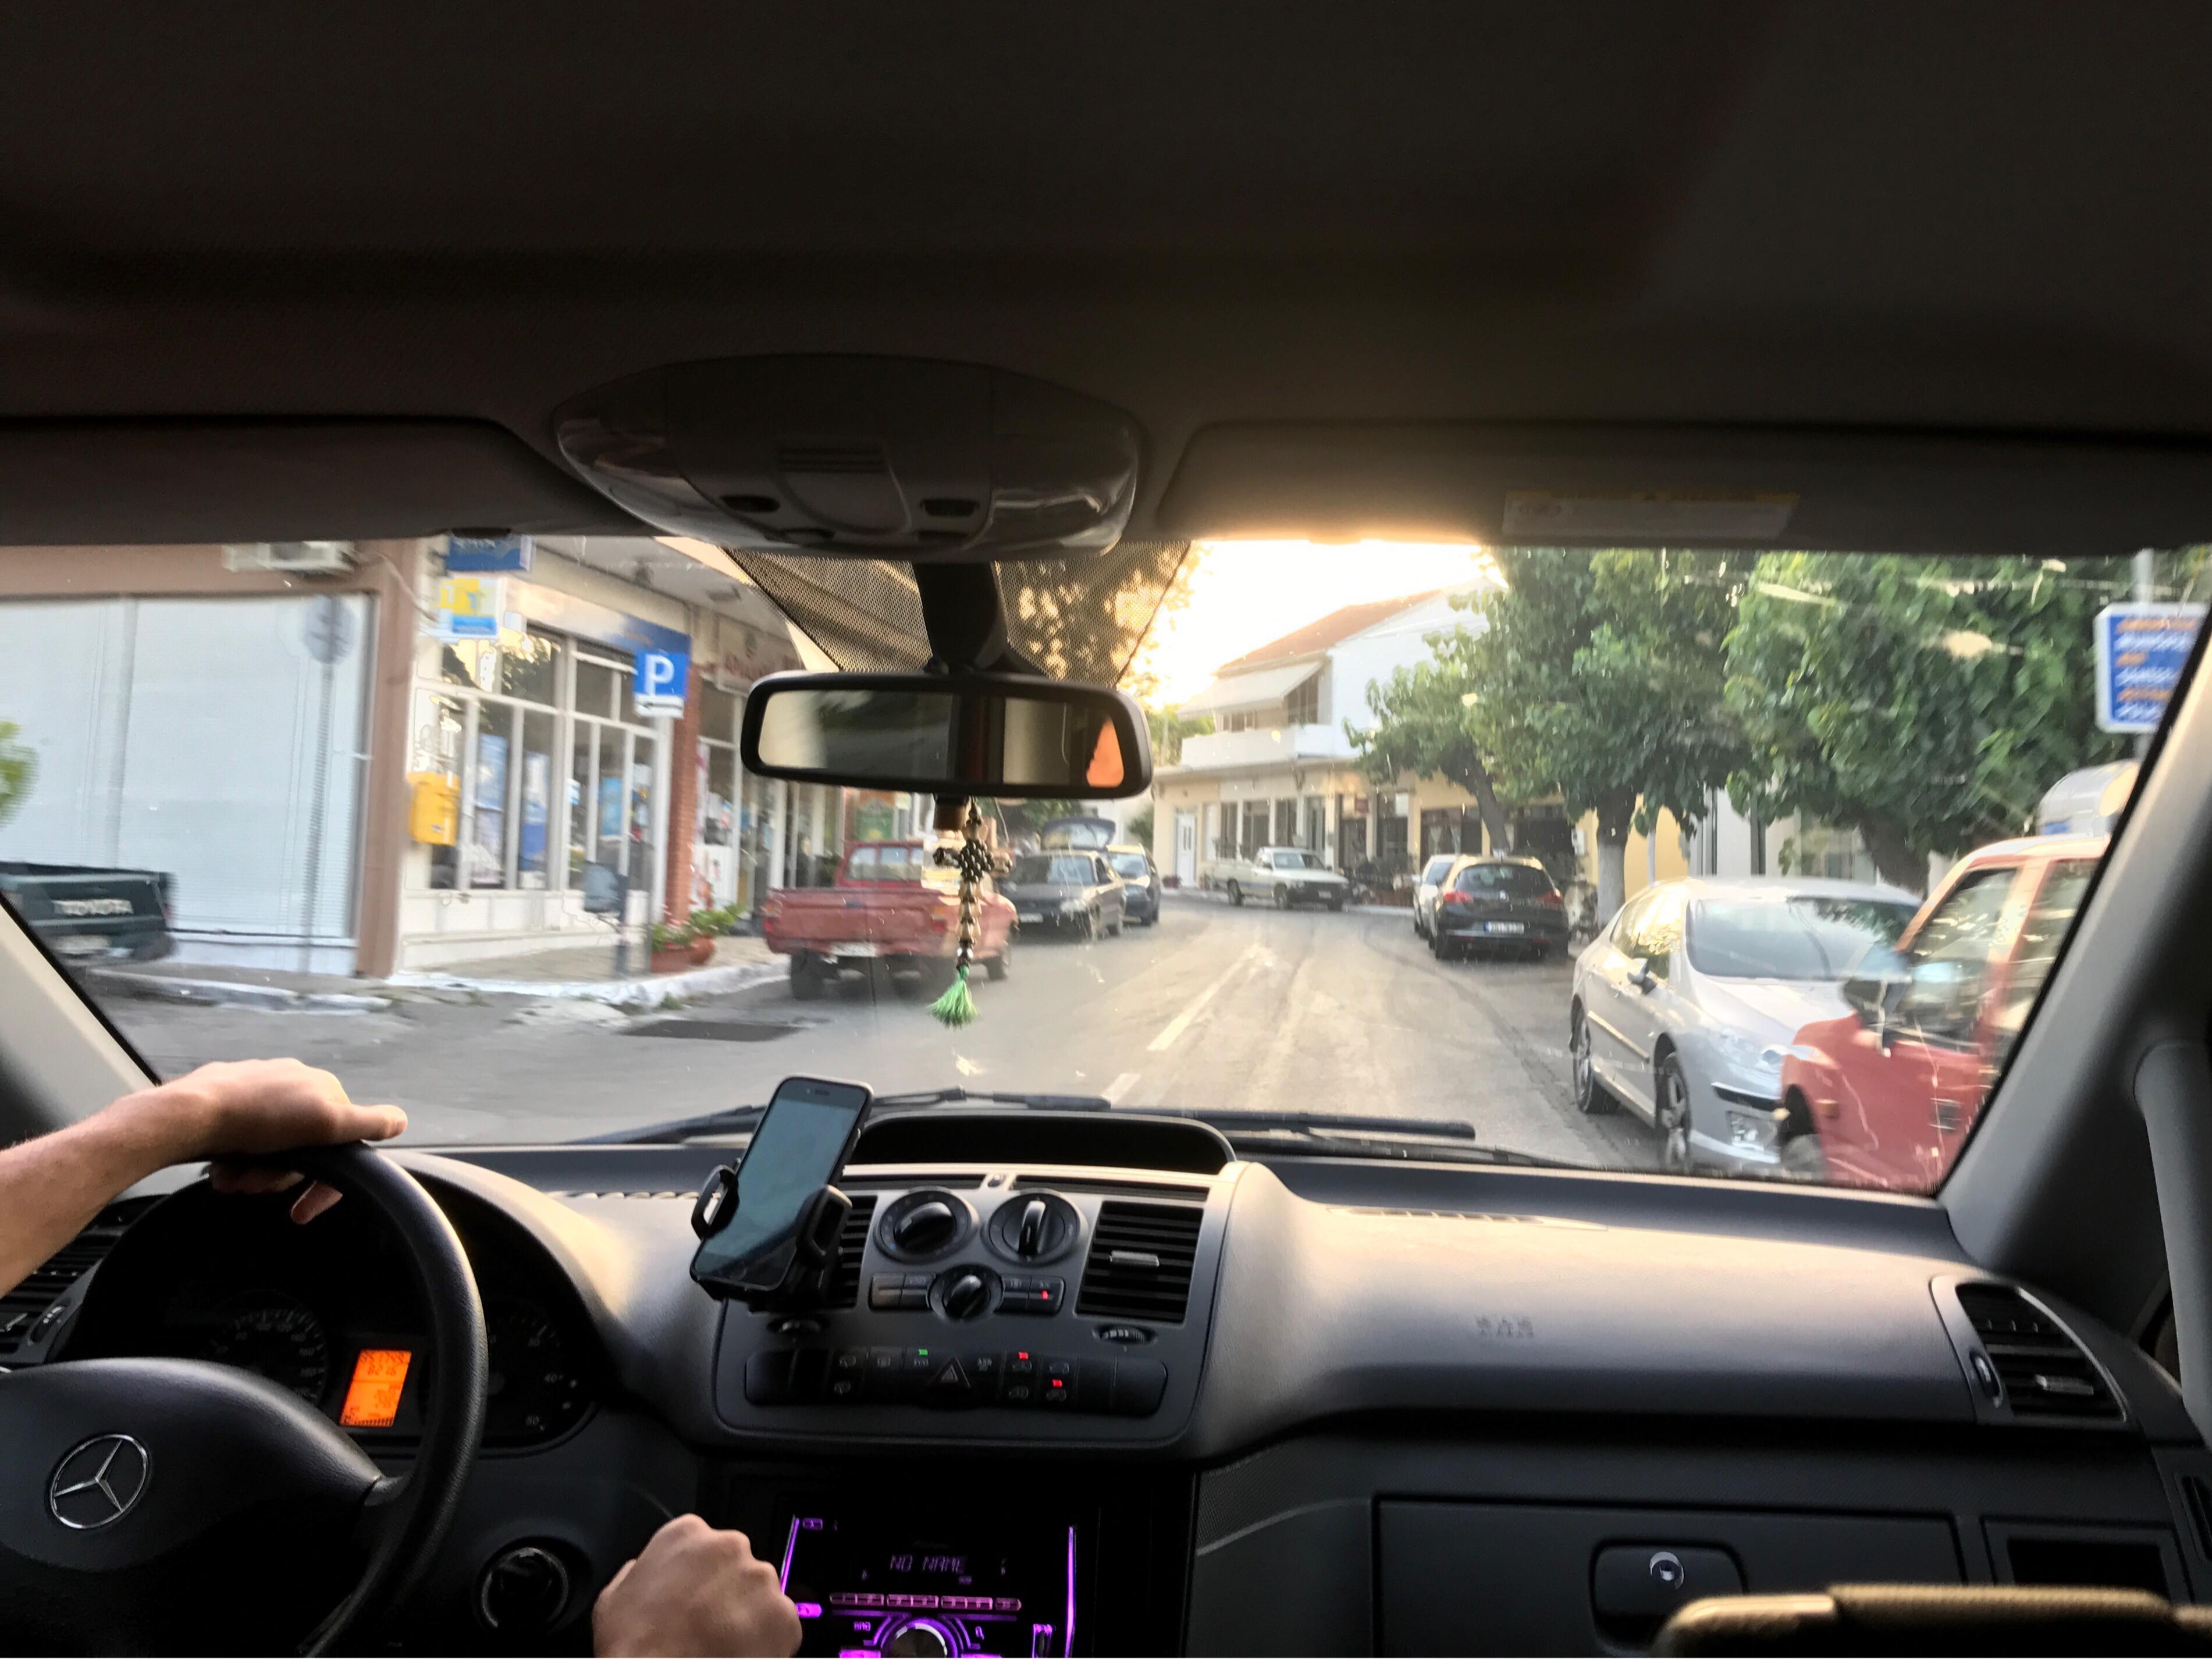 Bilde tatt gjennom frontruta. Bilen kjører gjennom en liten by.